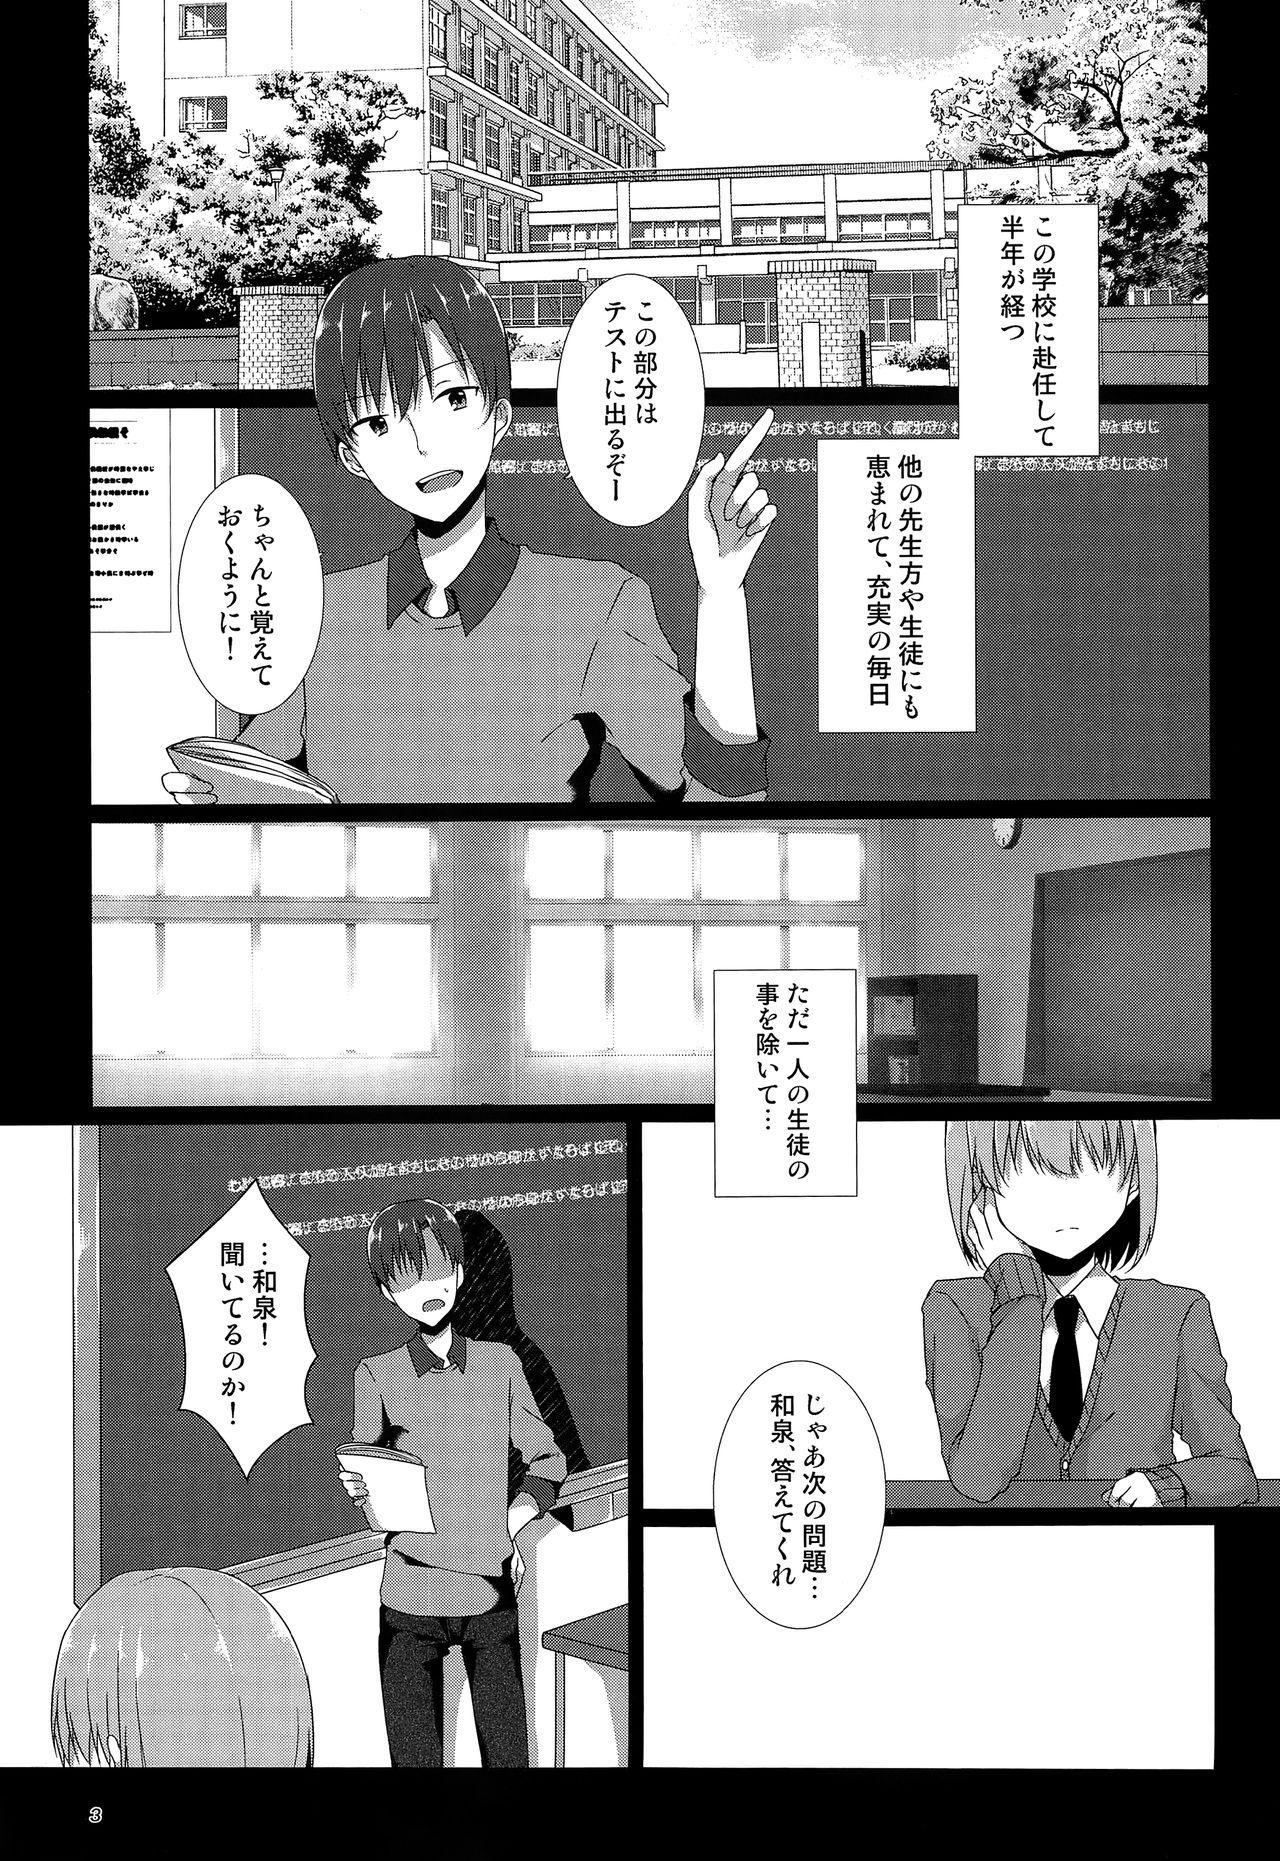 """""""Sensei, boku o katte kuremasen ka?"""" 1"""